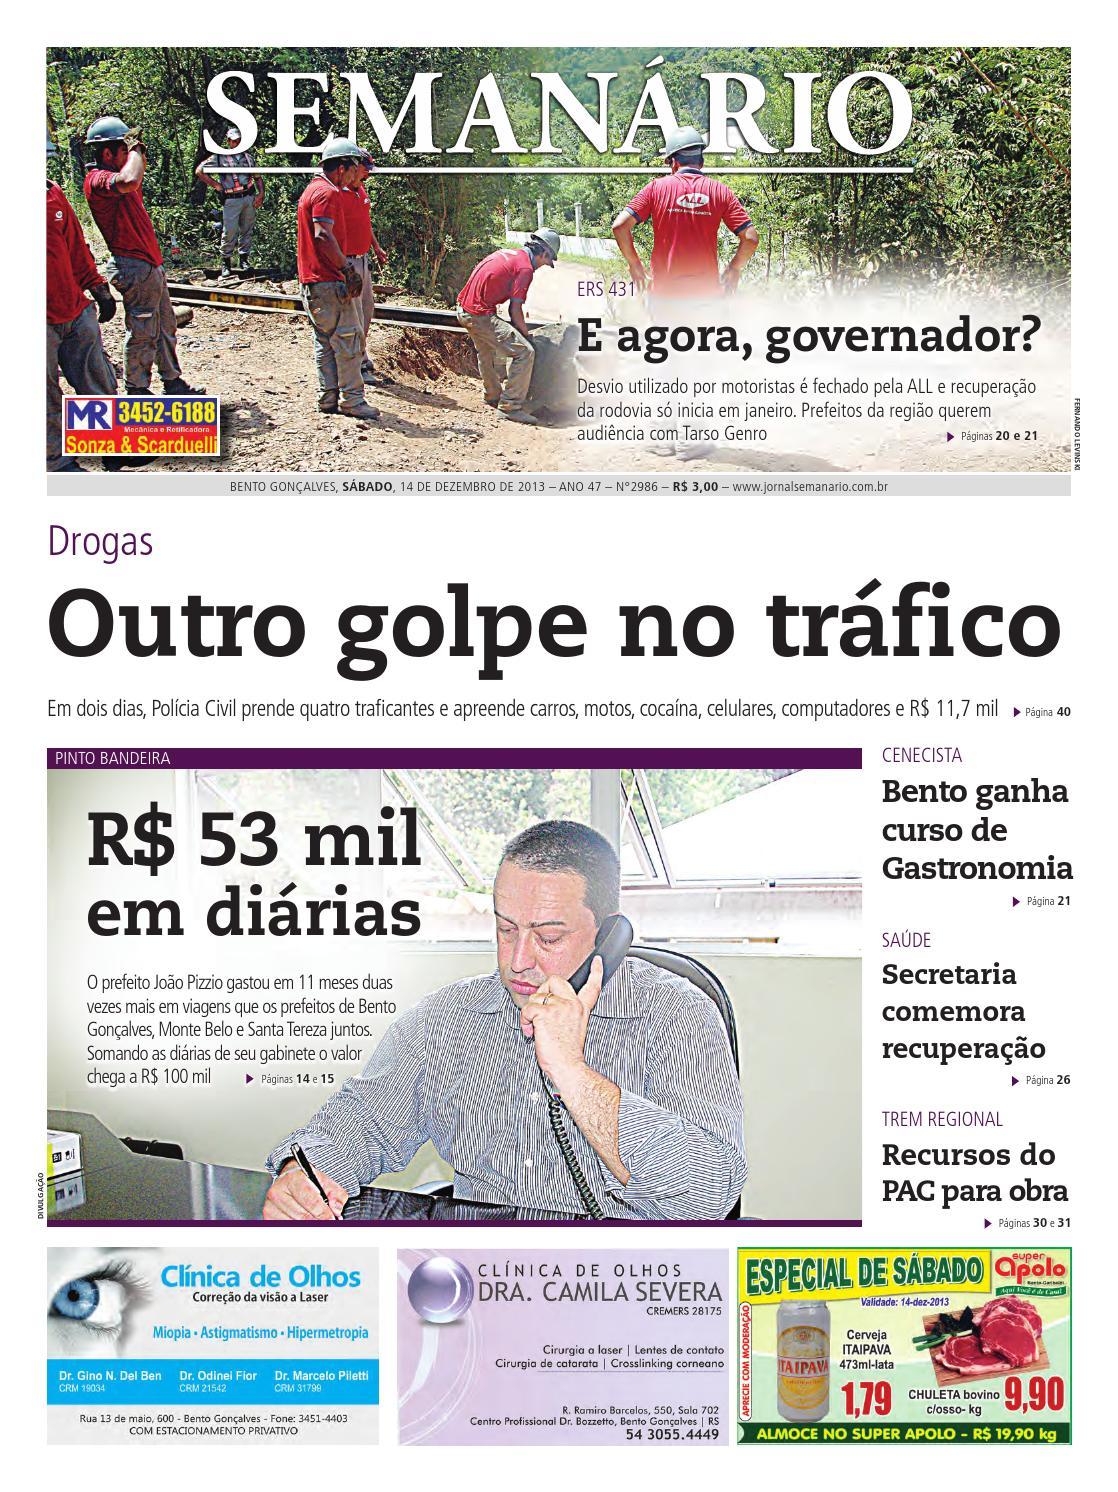 14 12 2012 - Jornal Semanário - Edição 2986 by Jornal Semanário - Bento  Gonçalves - RS - issuu 14529e62fa